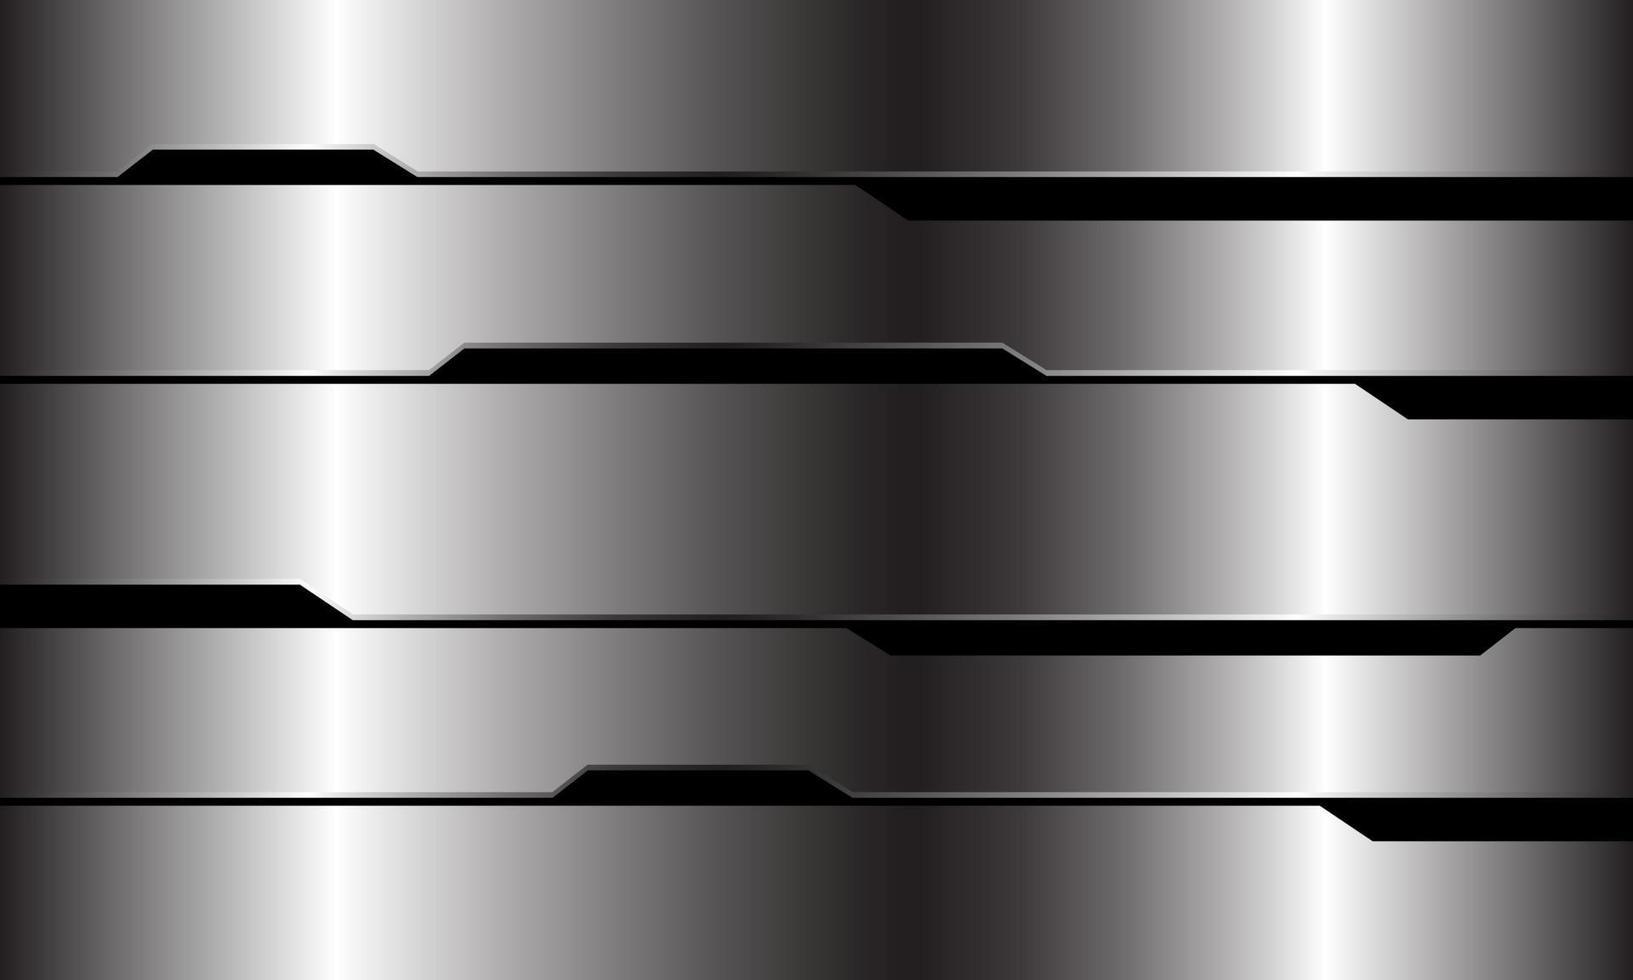 abstracte zilveren zwarte lijn circuit cyber geometrisch ontwerp moderne luxe futuristische technologie achtergrond vectorillustratie. vector